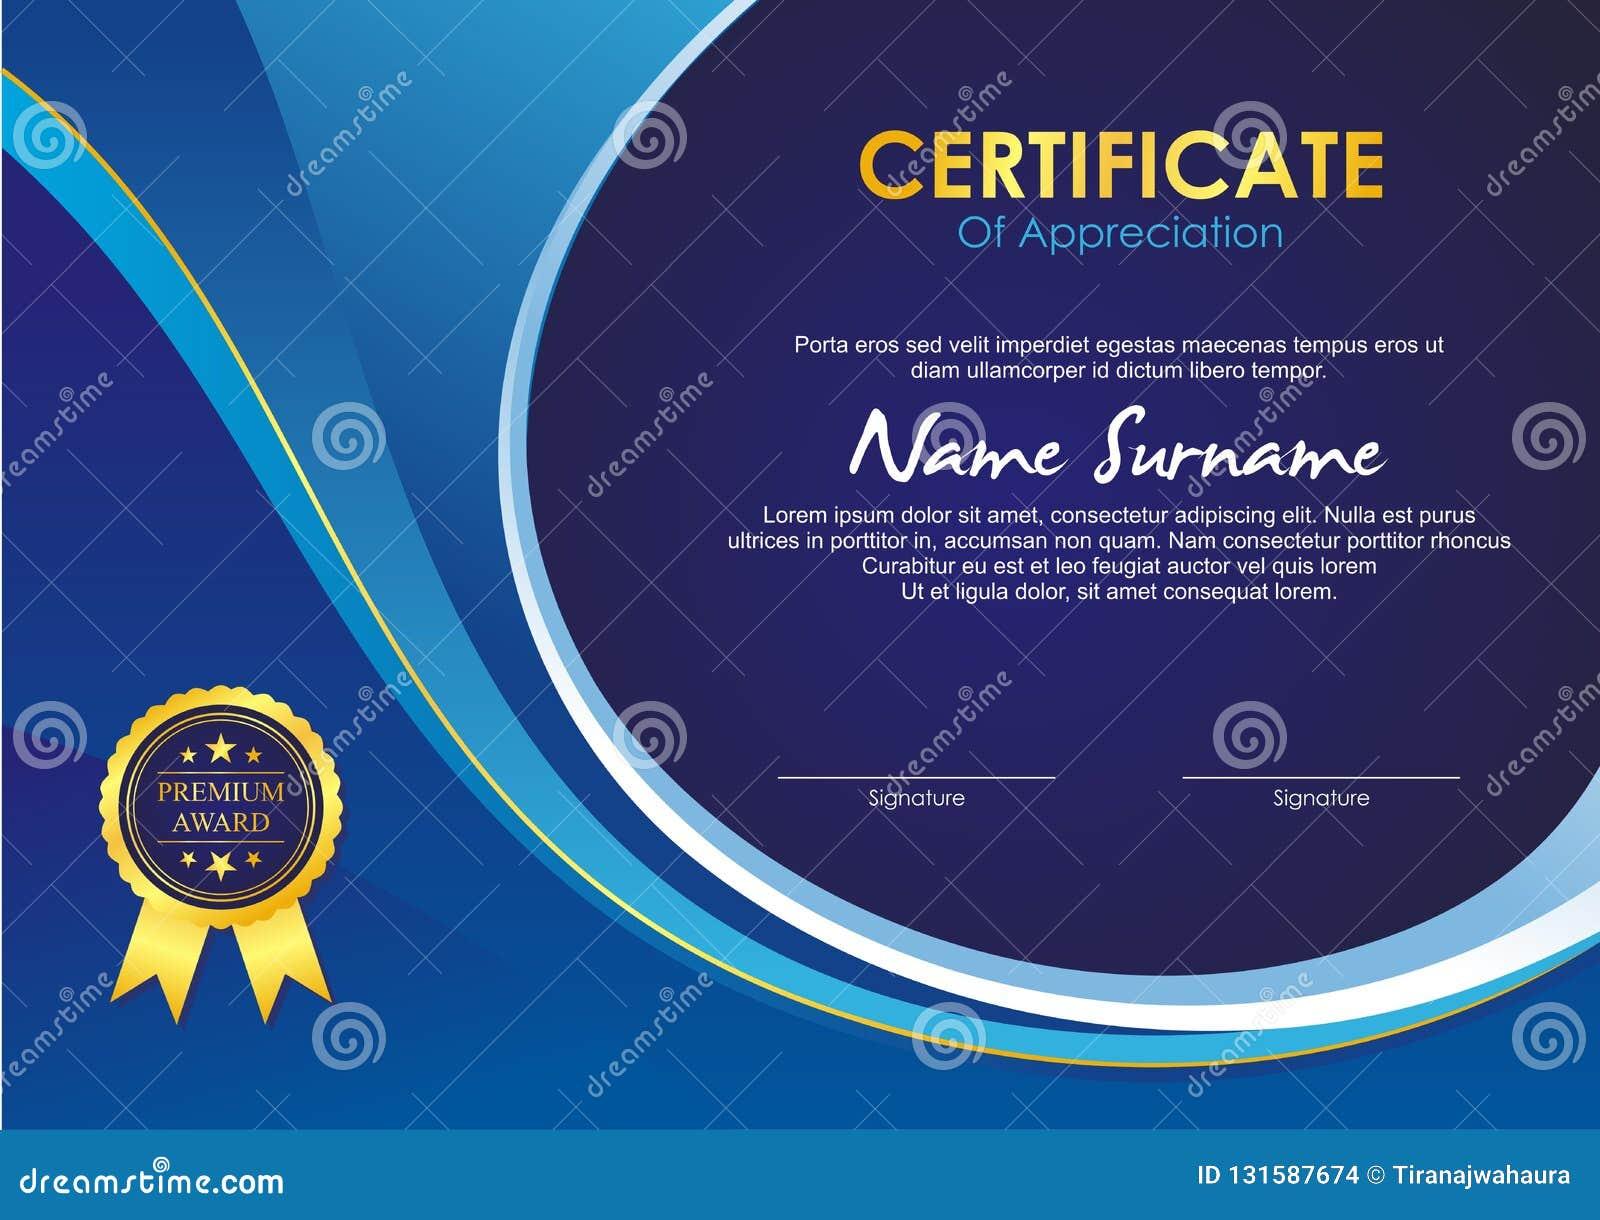 Zertifikat-Schablone mit stilvollem Wellenentwurf